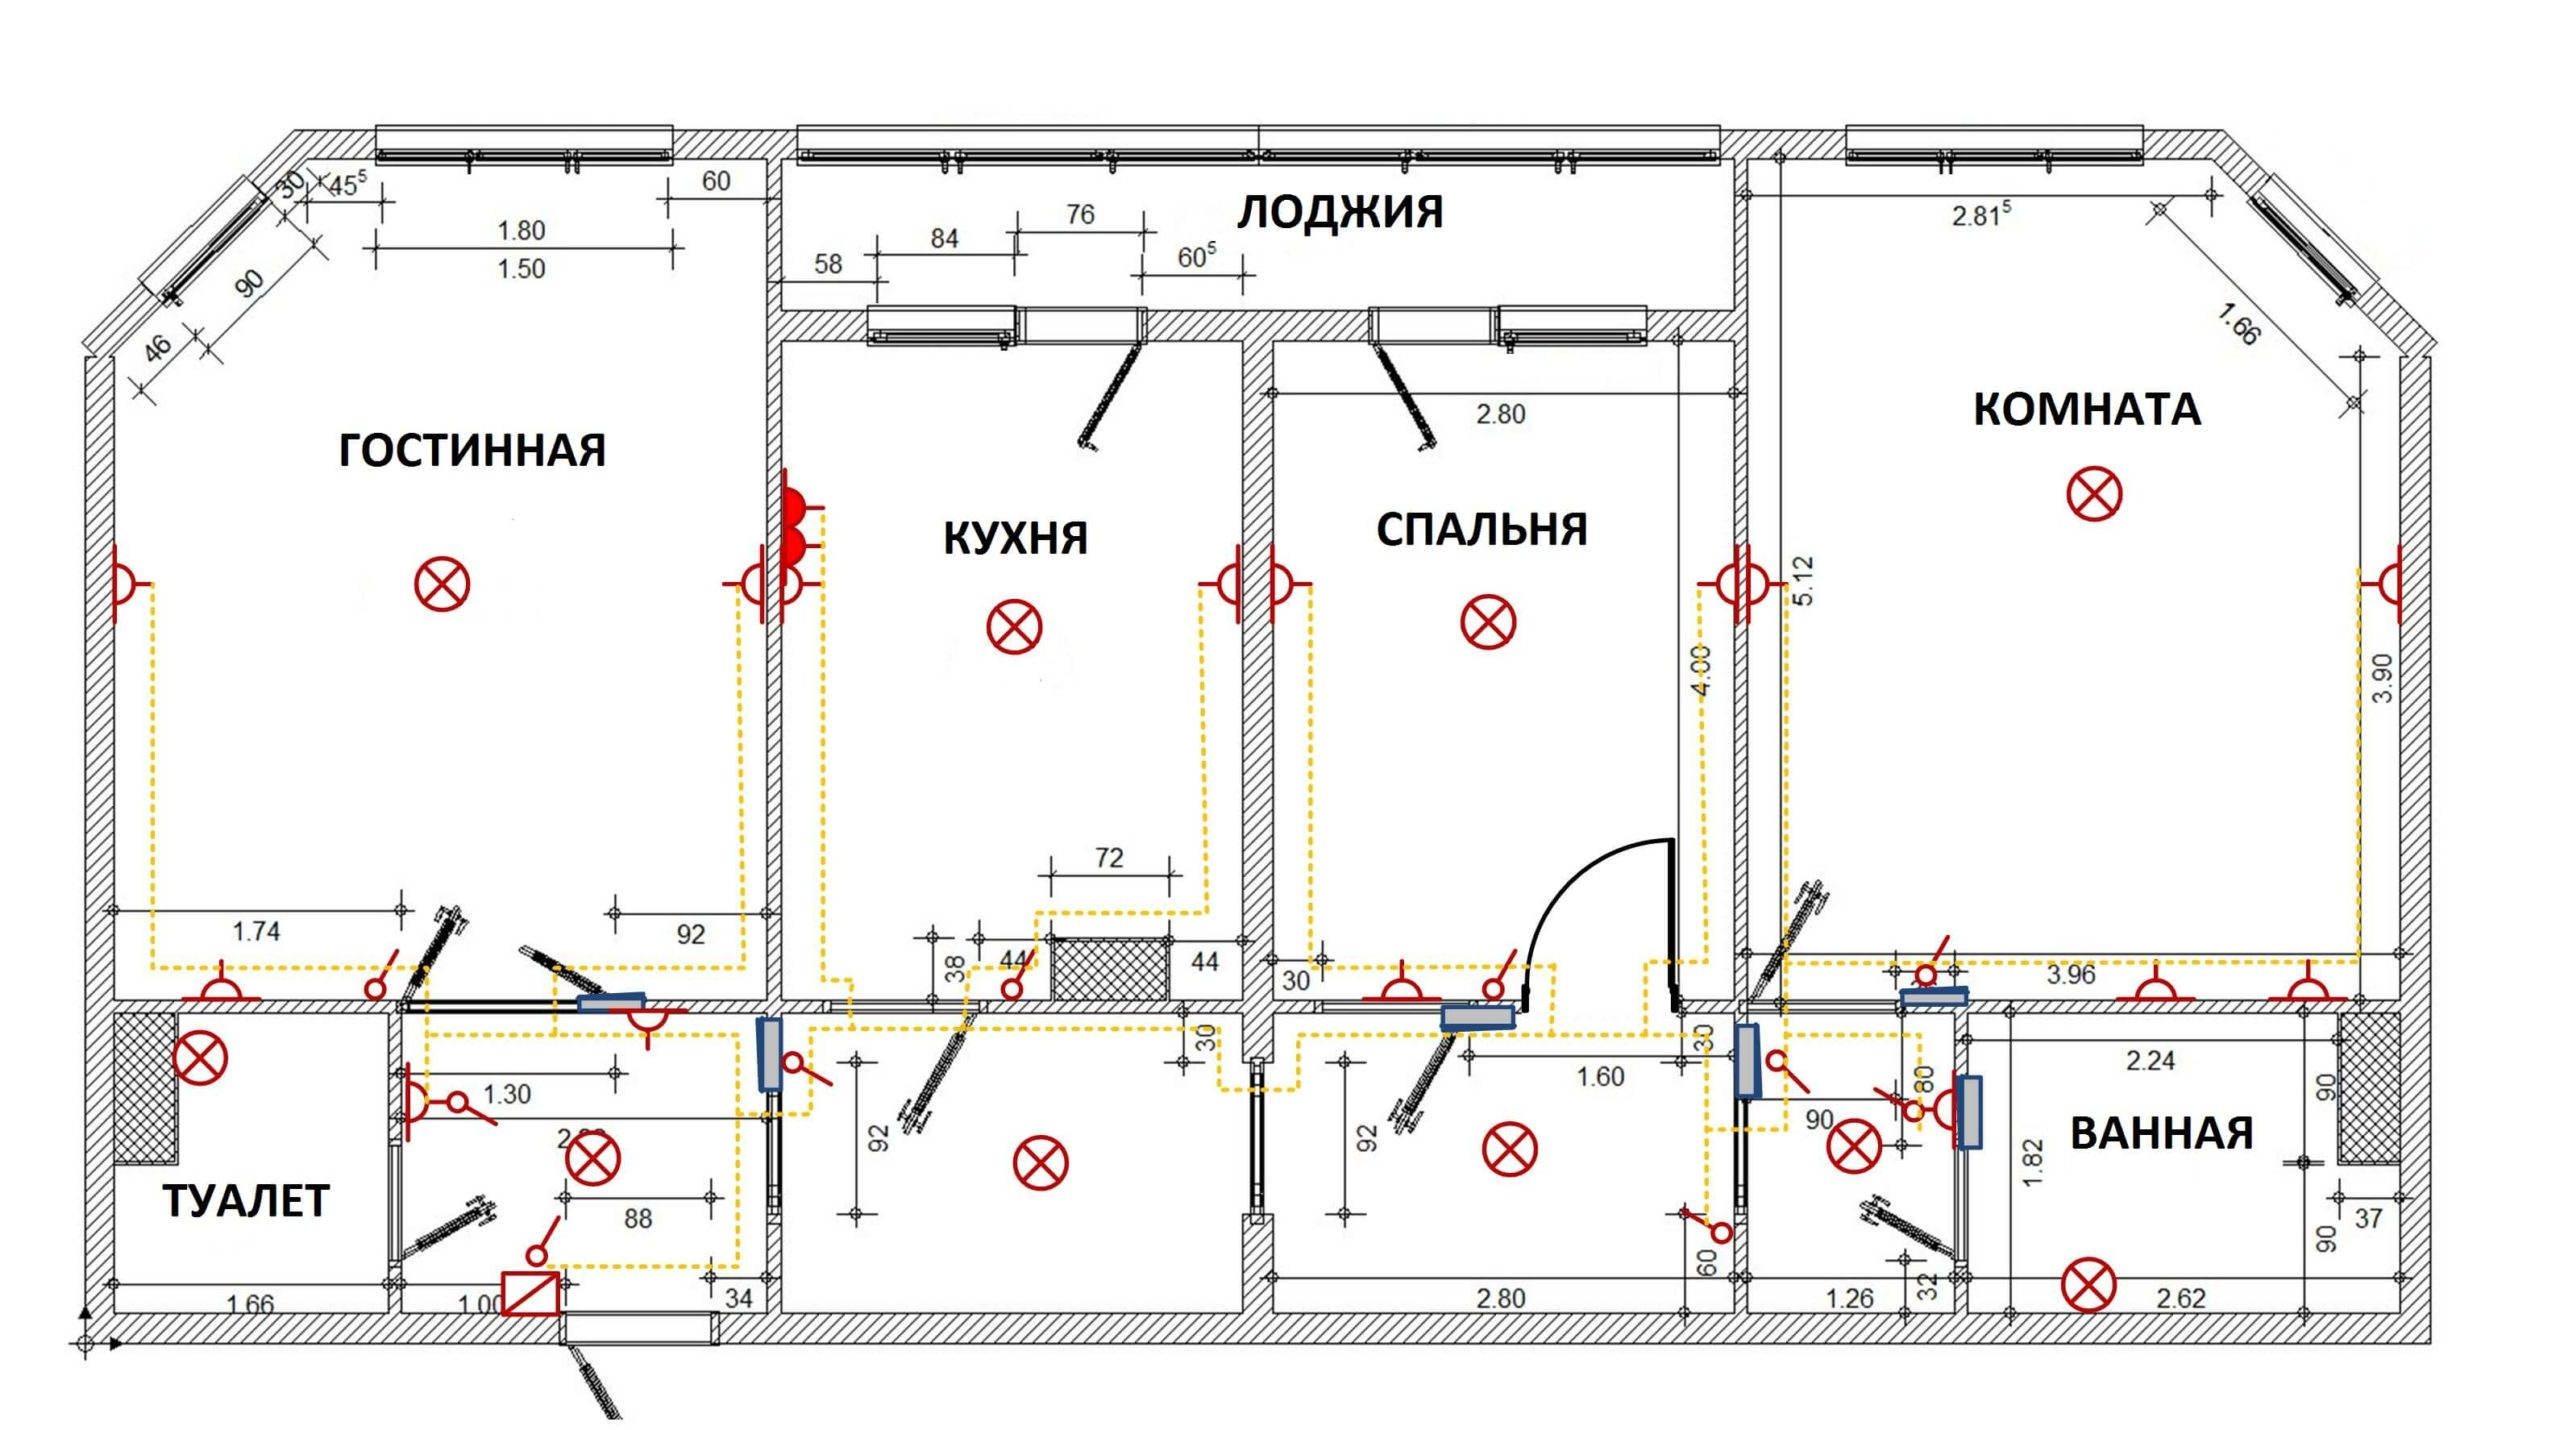 Схема электропроводки в квартире с 3-мя комнатами